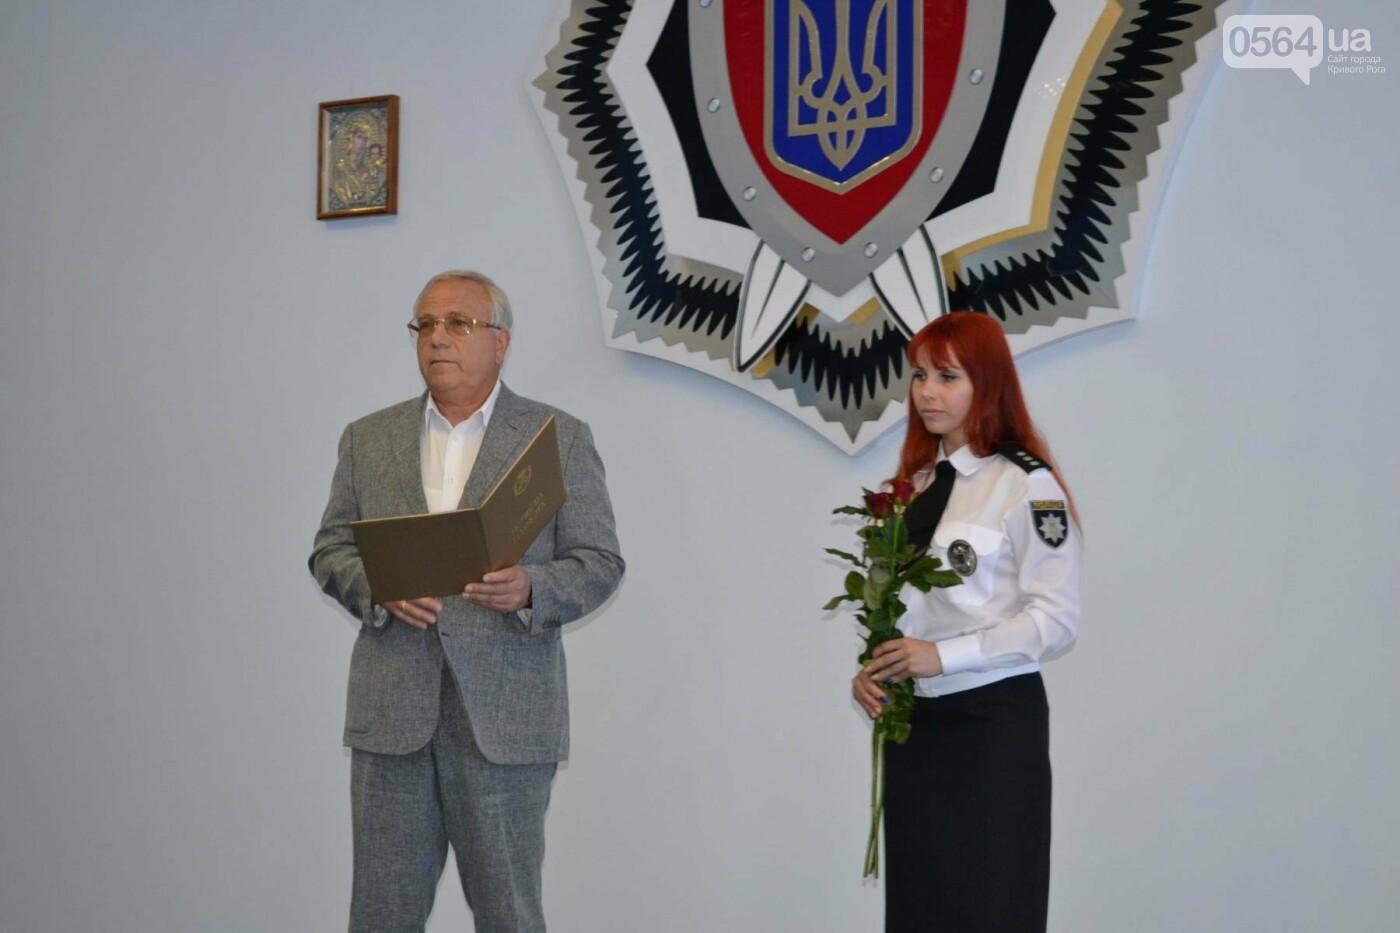 Криворожских полицейских поздравили с профессиональным праздником, - ФОТО, ВИДЕО, фото-8